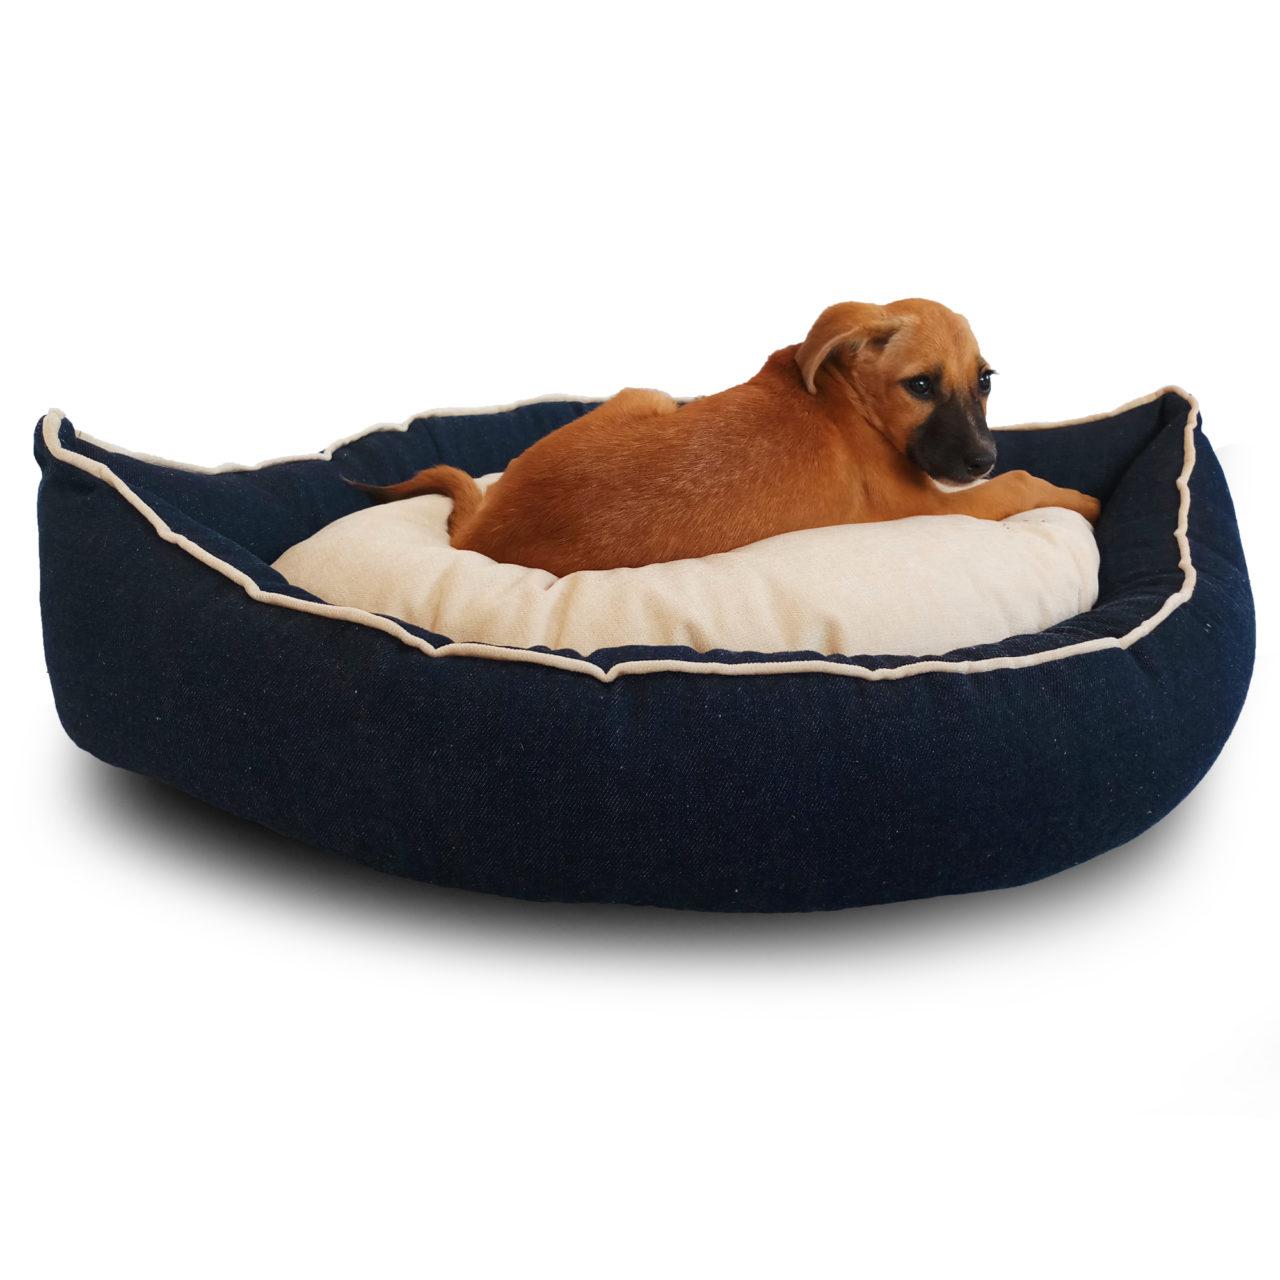 Cute bolster beds starting INR 2126/-